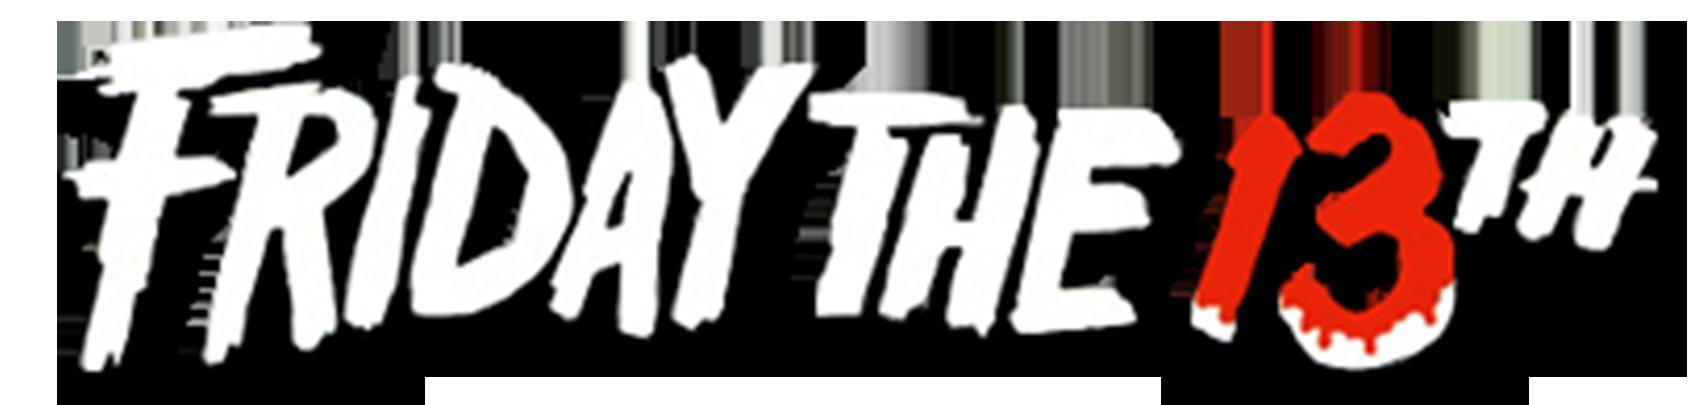 Výsledek obrázku pro friday 13th logo png